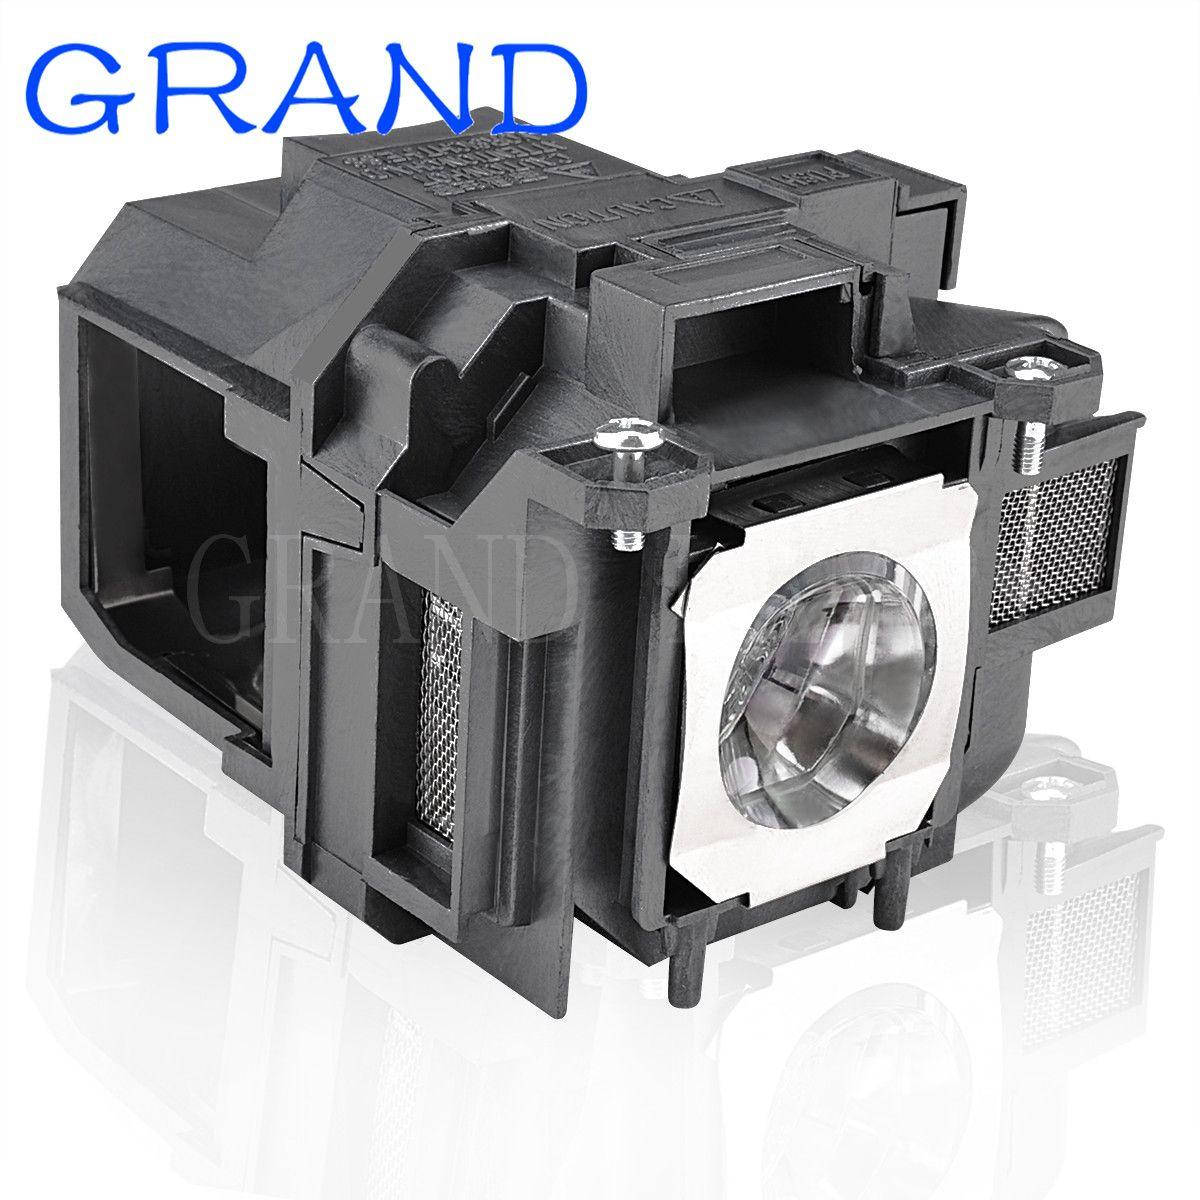 Kompatibel EB-X04 EB-X27 EB-X29 EB-X31 EB-X36 EX3240 EX5240 EX5250 EX7240 EX9200 für Epson ELPLP88 V13H010L88 Projektor lampe